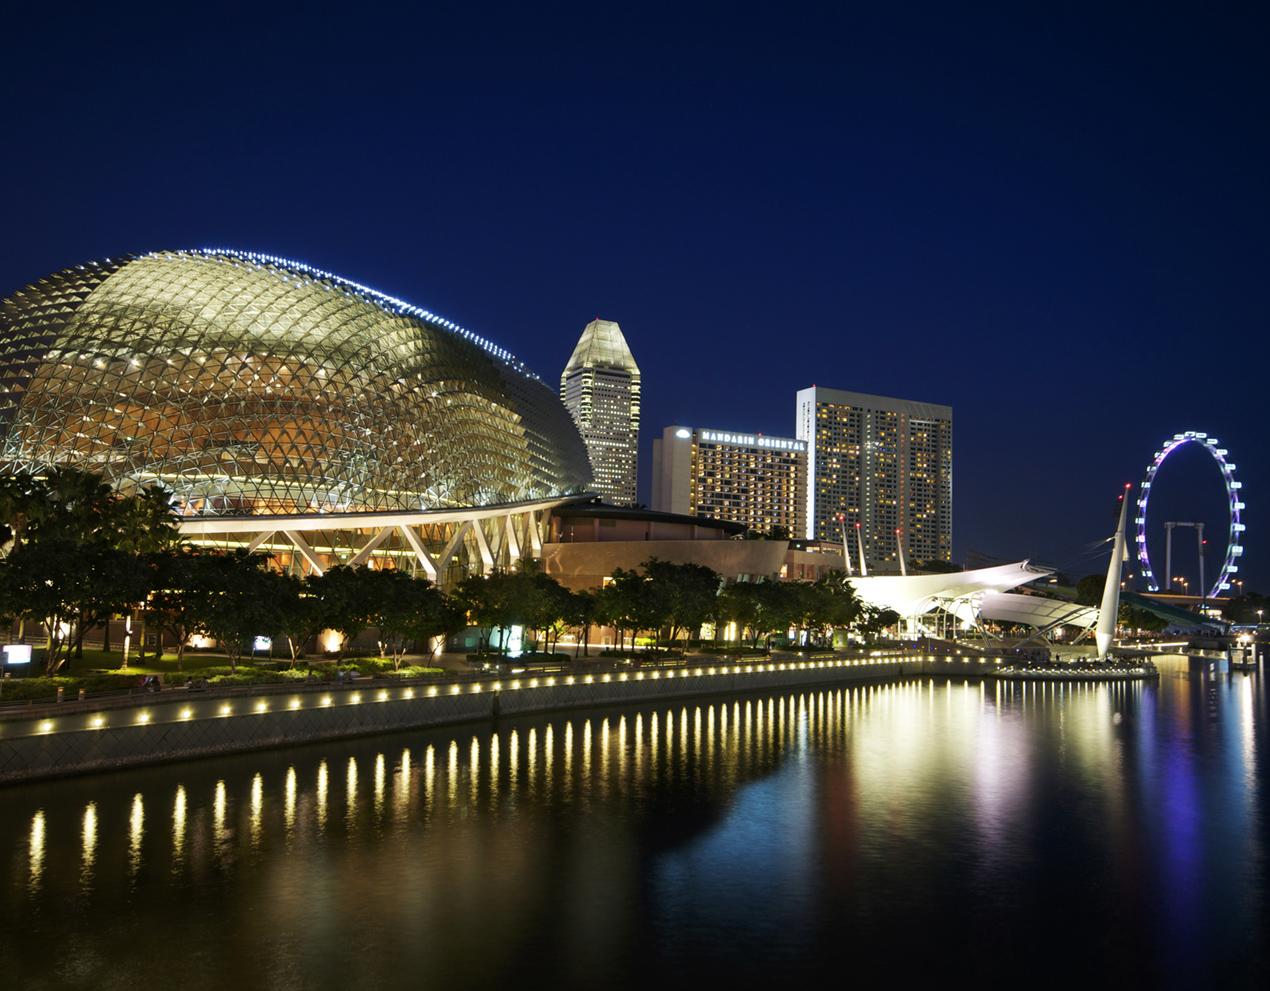 TOUR TẾT CANH TÝ SINGAPORE - MALAYSIA 6N5Đ TRỌN GÓI CHỈ 16.990.000 VND